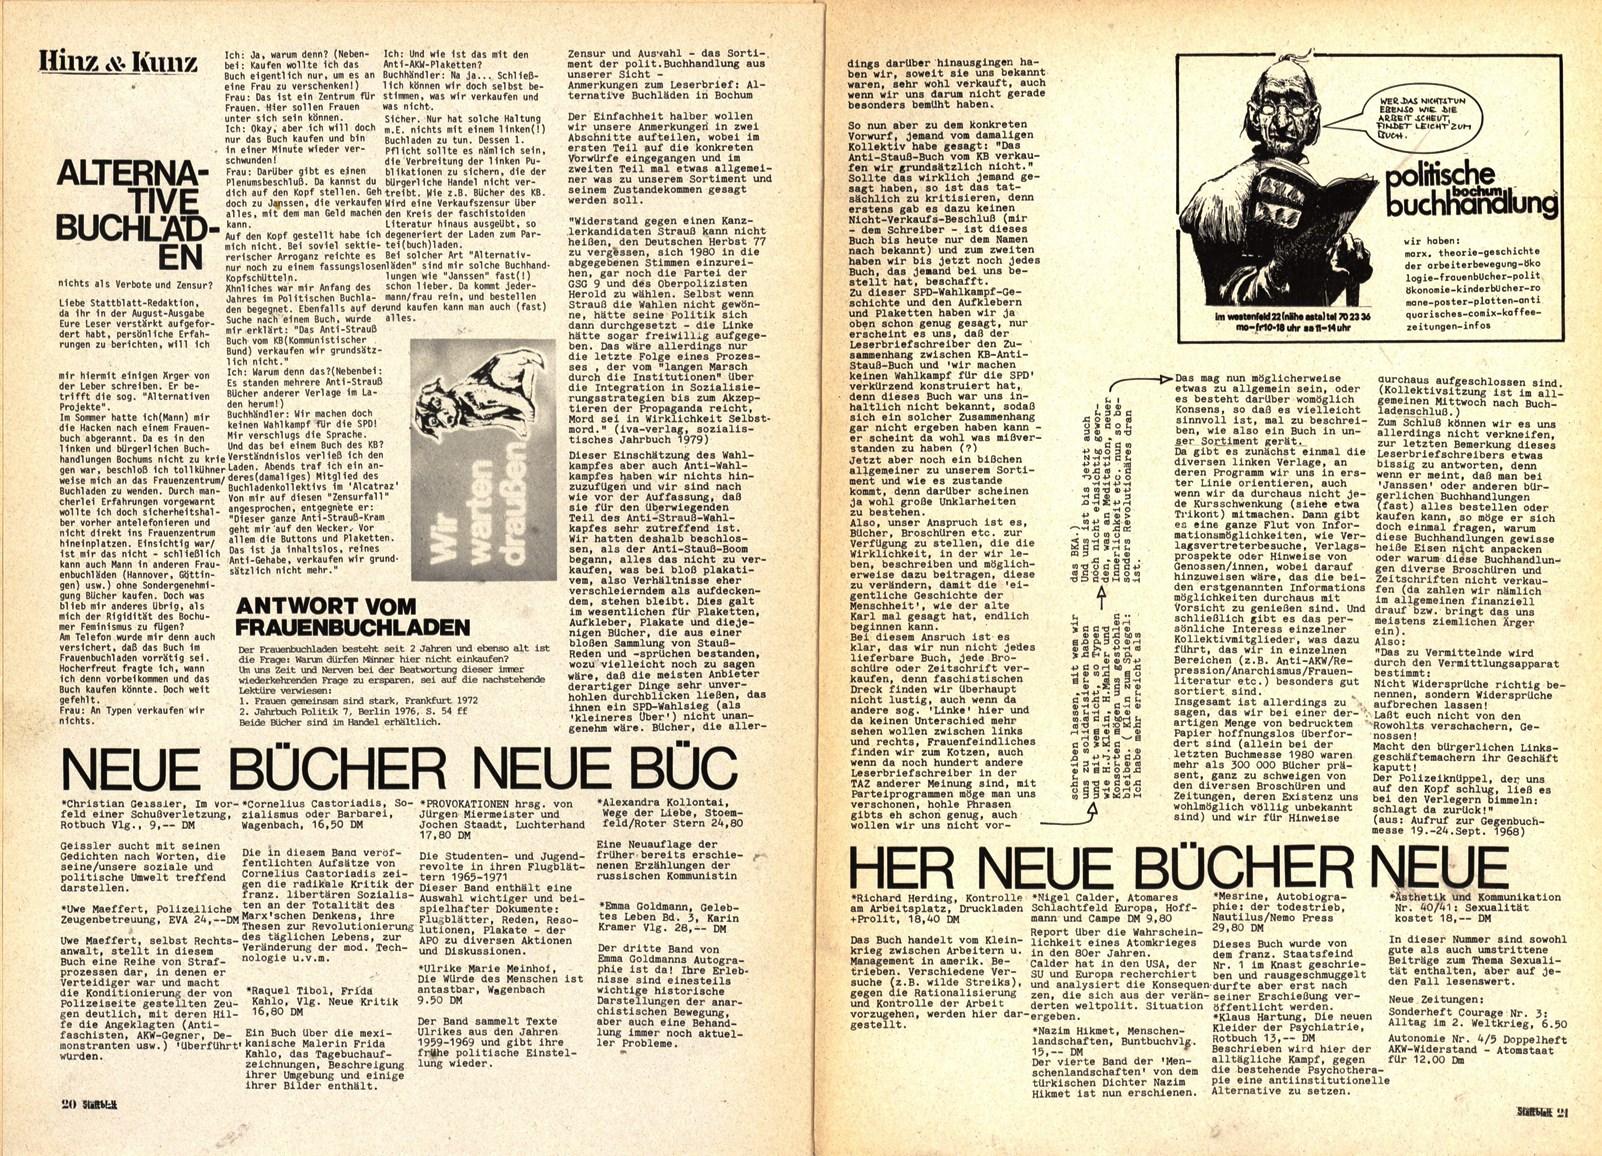 Bochum_Stattblatt_19801200_43_11